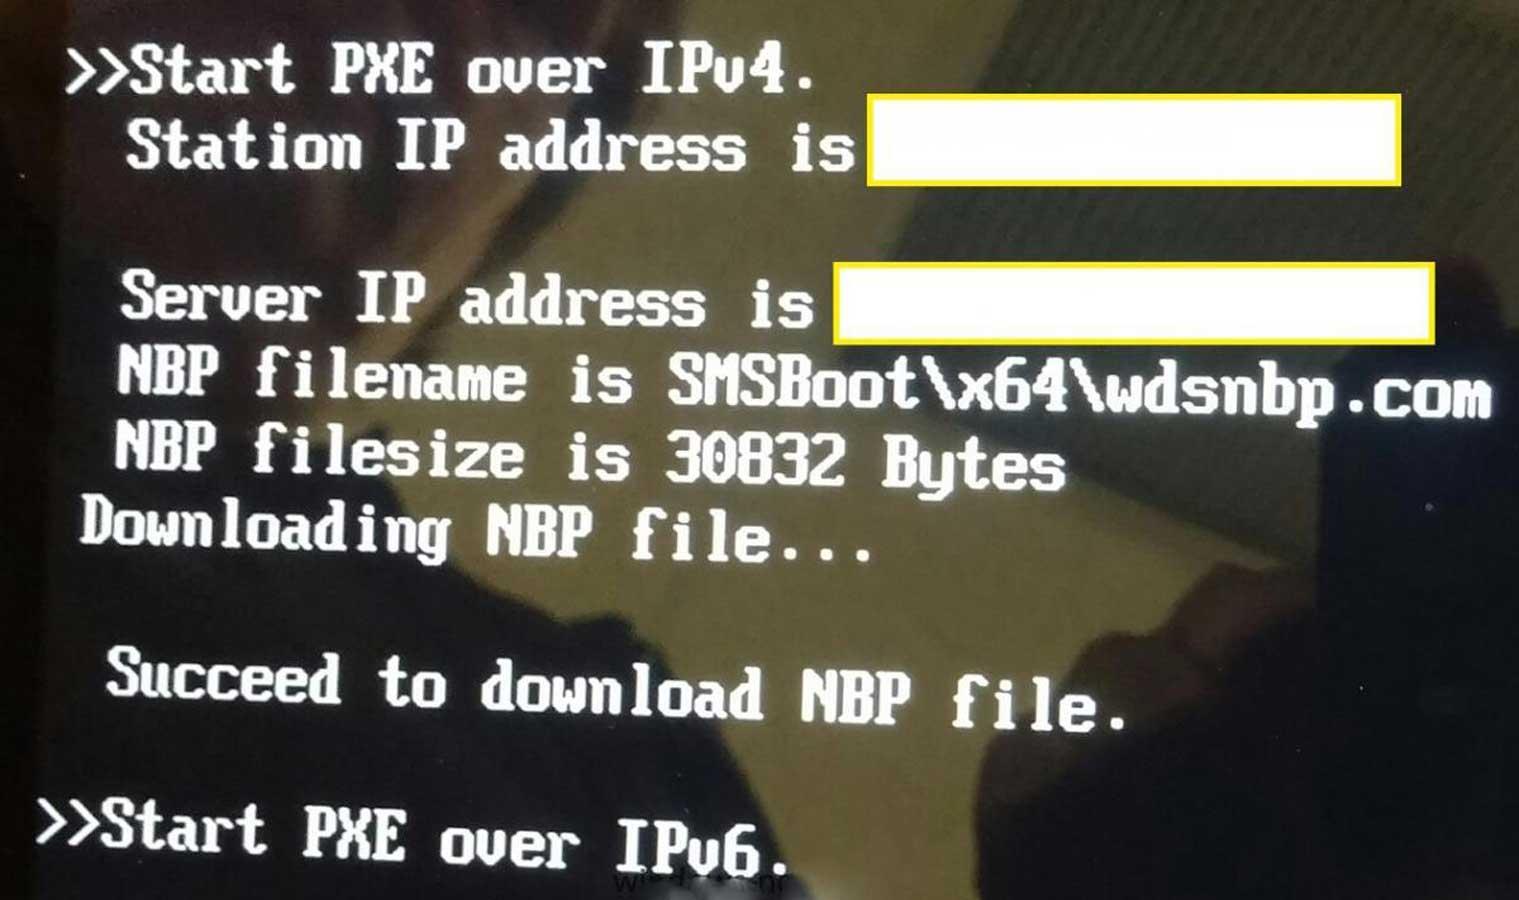 Start PXE Over Start PXE Over IPv4 Bilgisayarda Start PXE Over IPv4 Hatasının Çözümü start pxe over hatasi